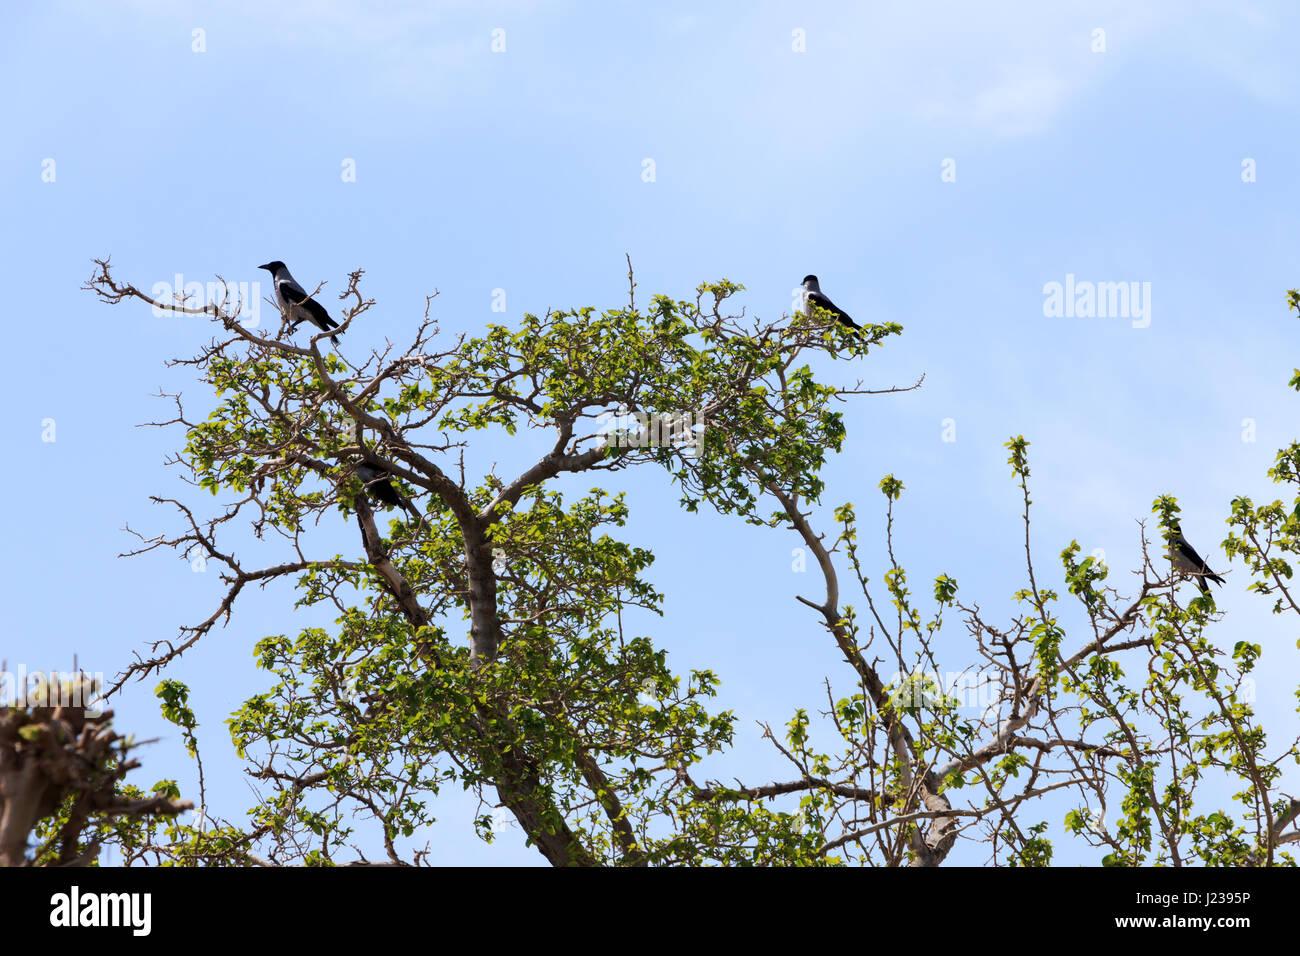 Eine Herde von Krähen thront auf der Spitze eines Baumes Stockbild